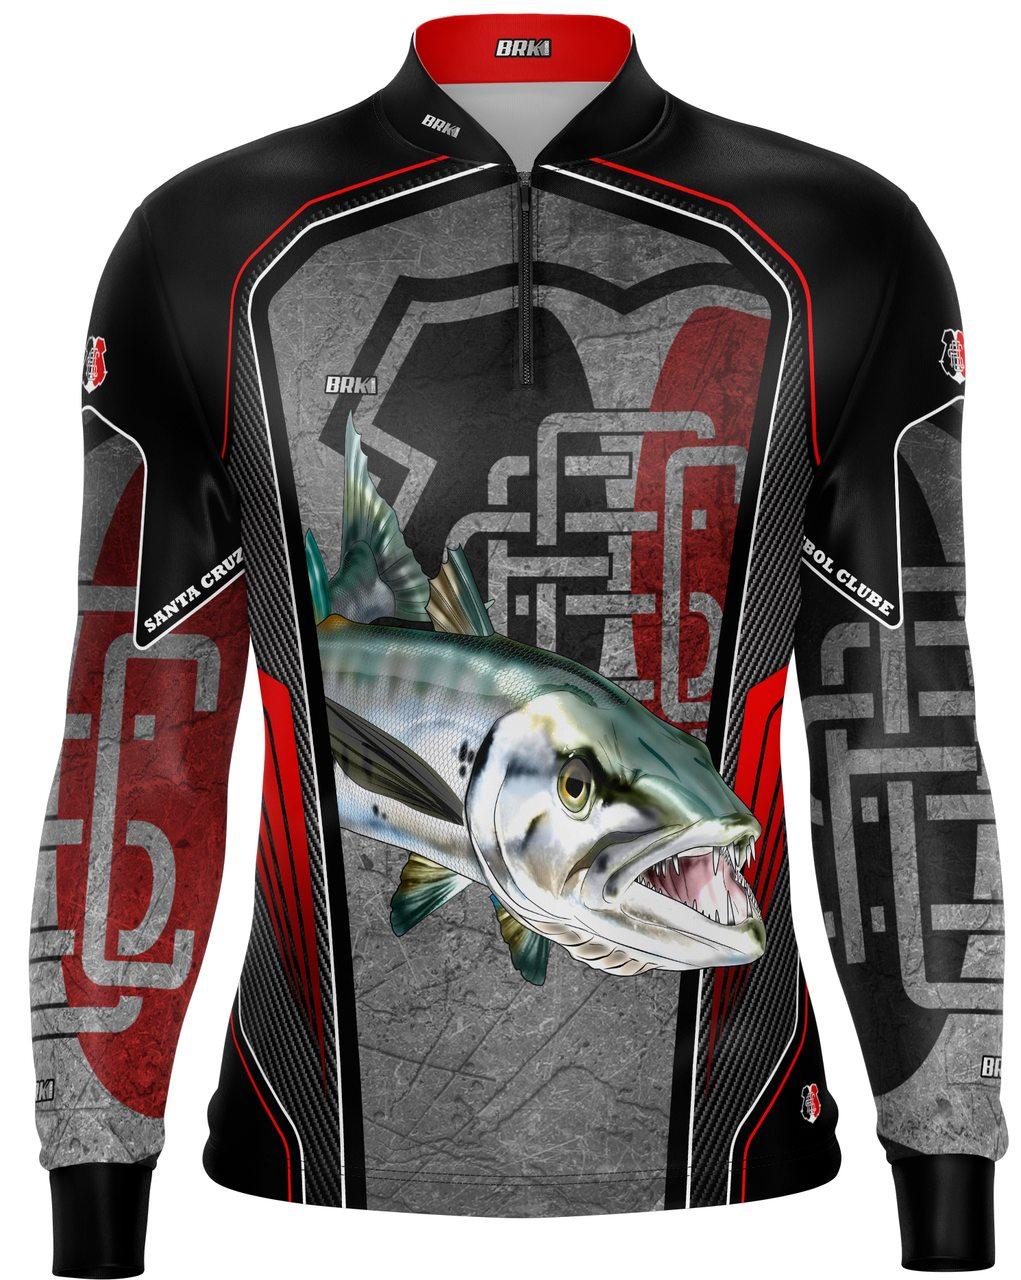 Camisa de Pesca Brk Barracuda Futebol 35 com fpu 50+